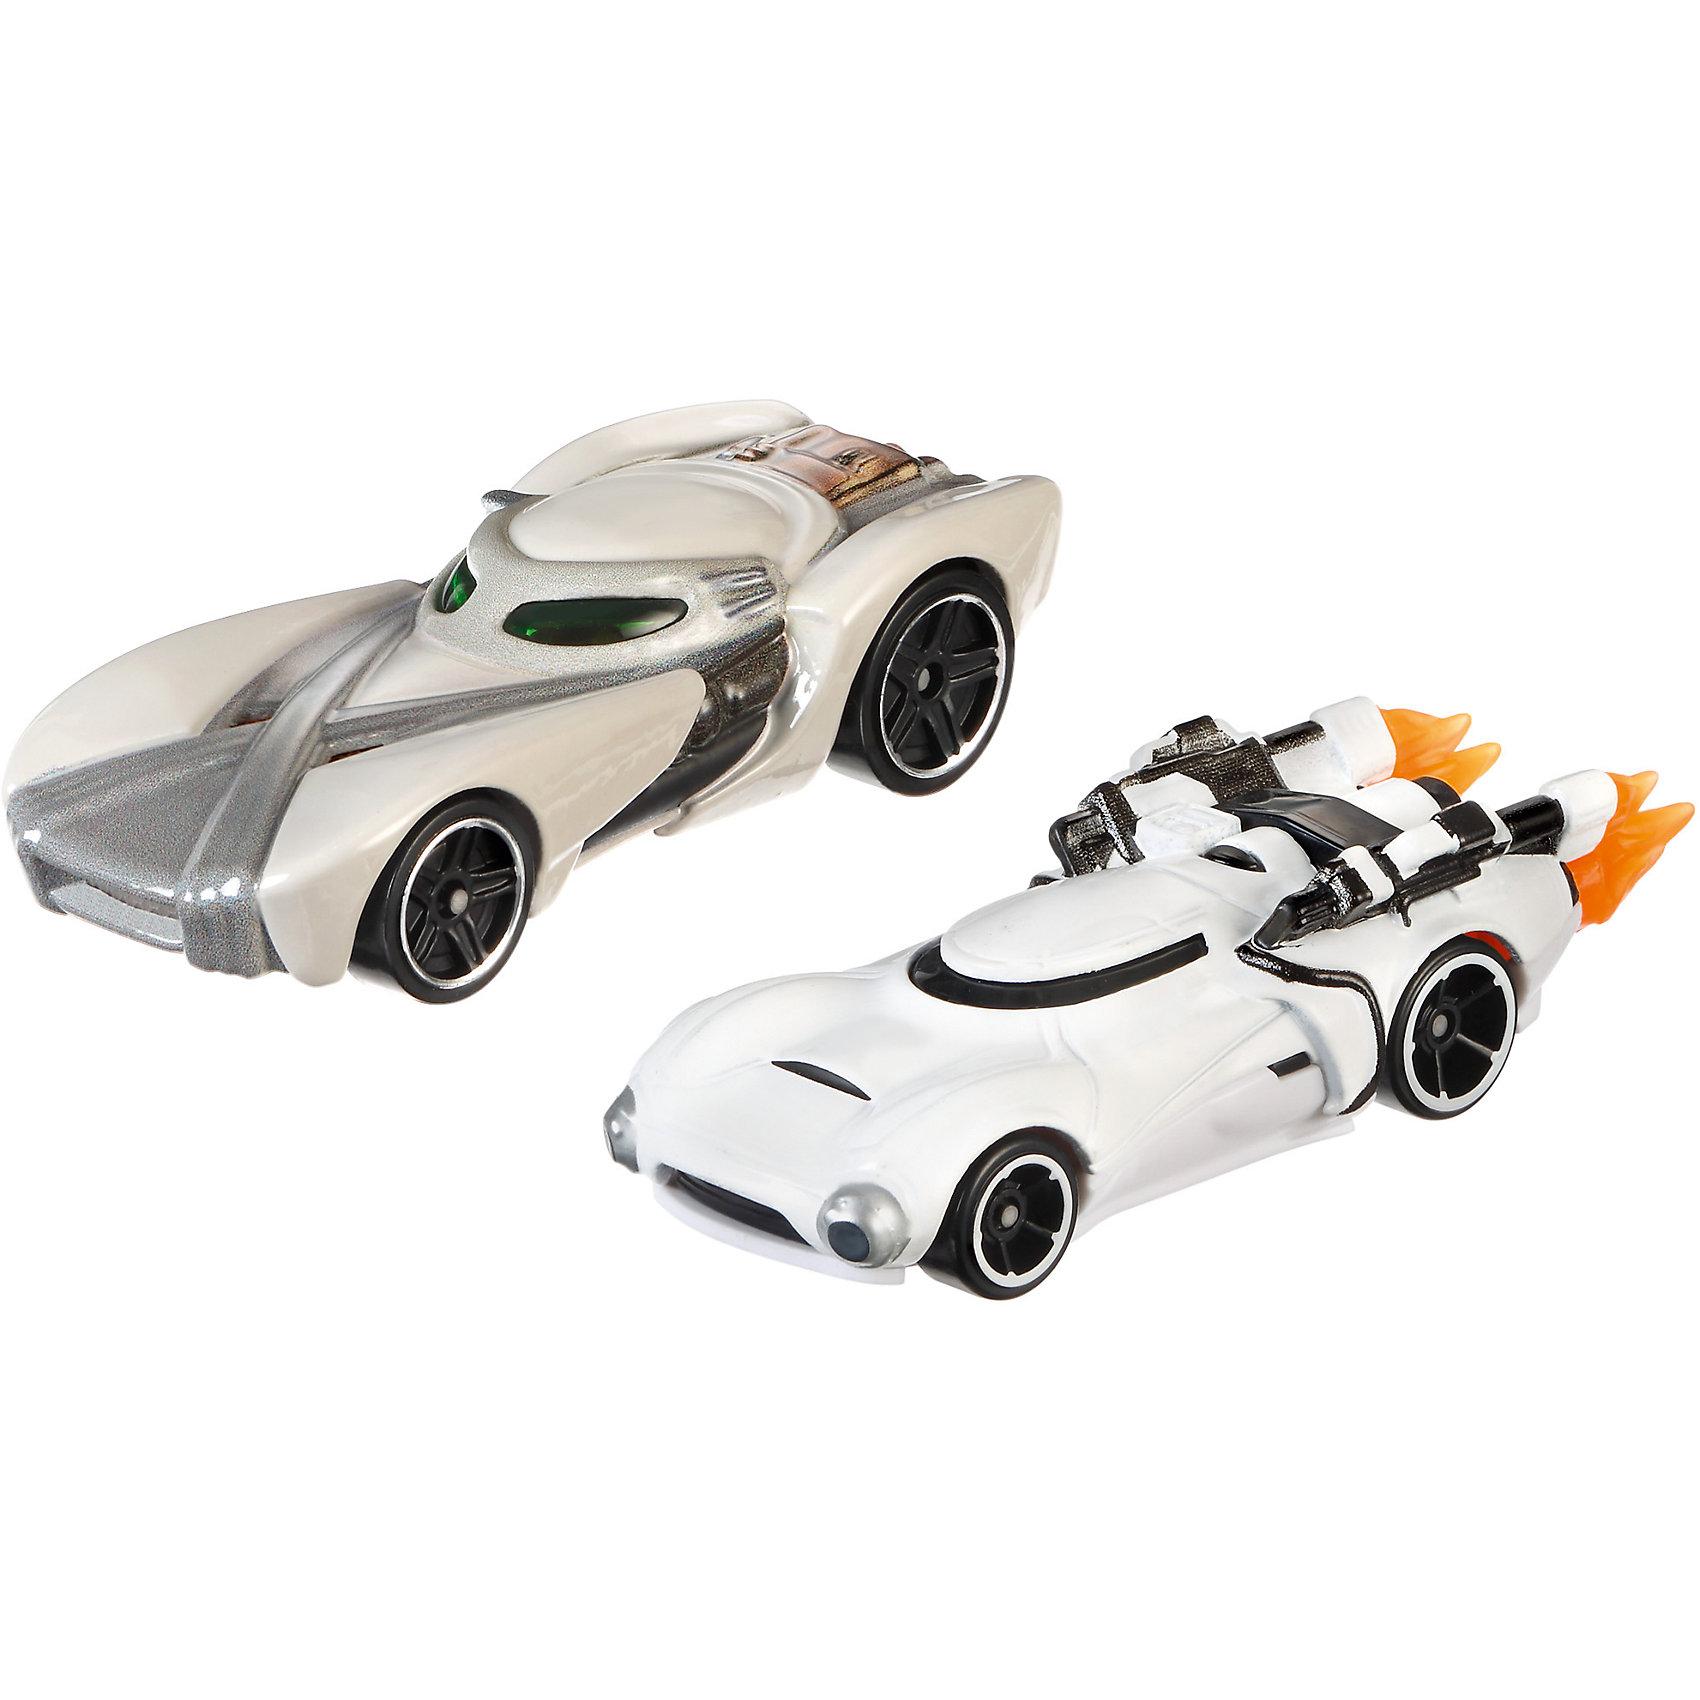 Набор из 2-х машинок Звездные войны, Hot WheelsМашинки<br>Базовые машинки Star Wars, Hot Wheels (Хот Вилс) – этот набор порадует юного автолюбителя и поклонника межгалактических приключений. В этом наборе от Хот Вилс любимые миллионами персонажи «Звездных войн» робот C-3PO и астродроид R2D2 предстают в виде машинок. Несмотря на то, что их внешний вид в фильмах нисколько не походил на машины, каждый персонаж прекрасно узнаваем по цветам и характерным деталям, которые перешли от героев в дизайн автомобилей. Машинки понравятся поклонникам всех возрастов: соберите полную коллекцию и устраивайте гонки по всей галактике!  <br><br>Дополнительная информация:  <br>- В комплекте: 2 машины <br>- Масштаб: 1:64 <br>- Материал: пластик, металл <br>- Упаковка: блистер на картоне <br>- Размер упаковки: 20,3 x 6,4 x 16,5 см.  <br><br>Базовые машинки Star Wars, Hot Wheels (Хот Вилс) можно купить в нашем интернет-магазине.<br><br>Ширина мм: 65<br>Глубина мм: 205<br>Высота мм: 165<br>Вес г: 166<br>Возраст от месяцев: 48<br>Возраст до месяцев: 120<br>Пол: Мужской<br>Возраст: Детский<br>SKU: 4983084